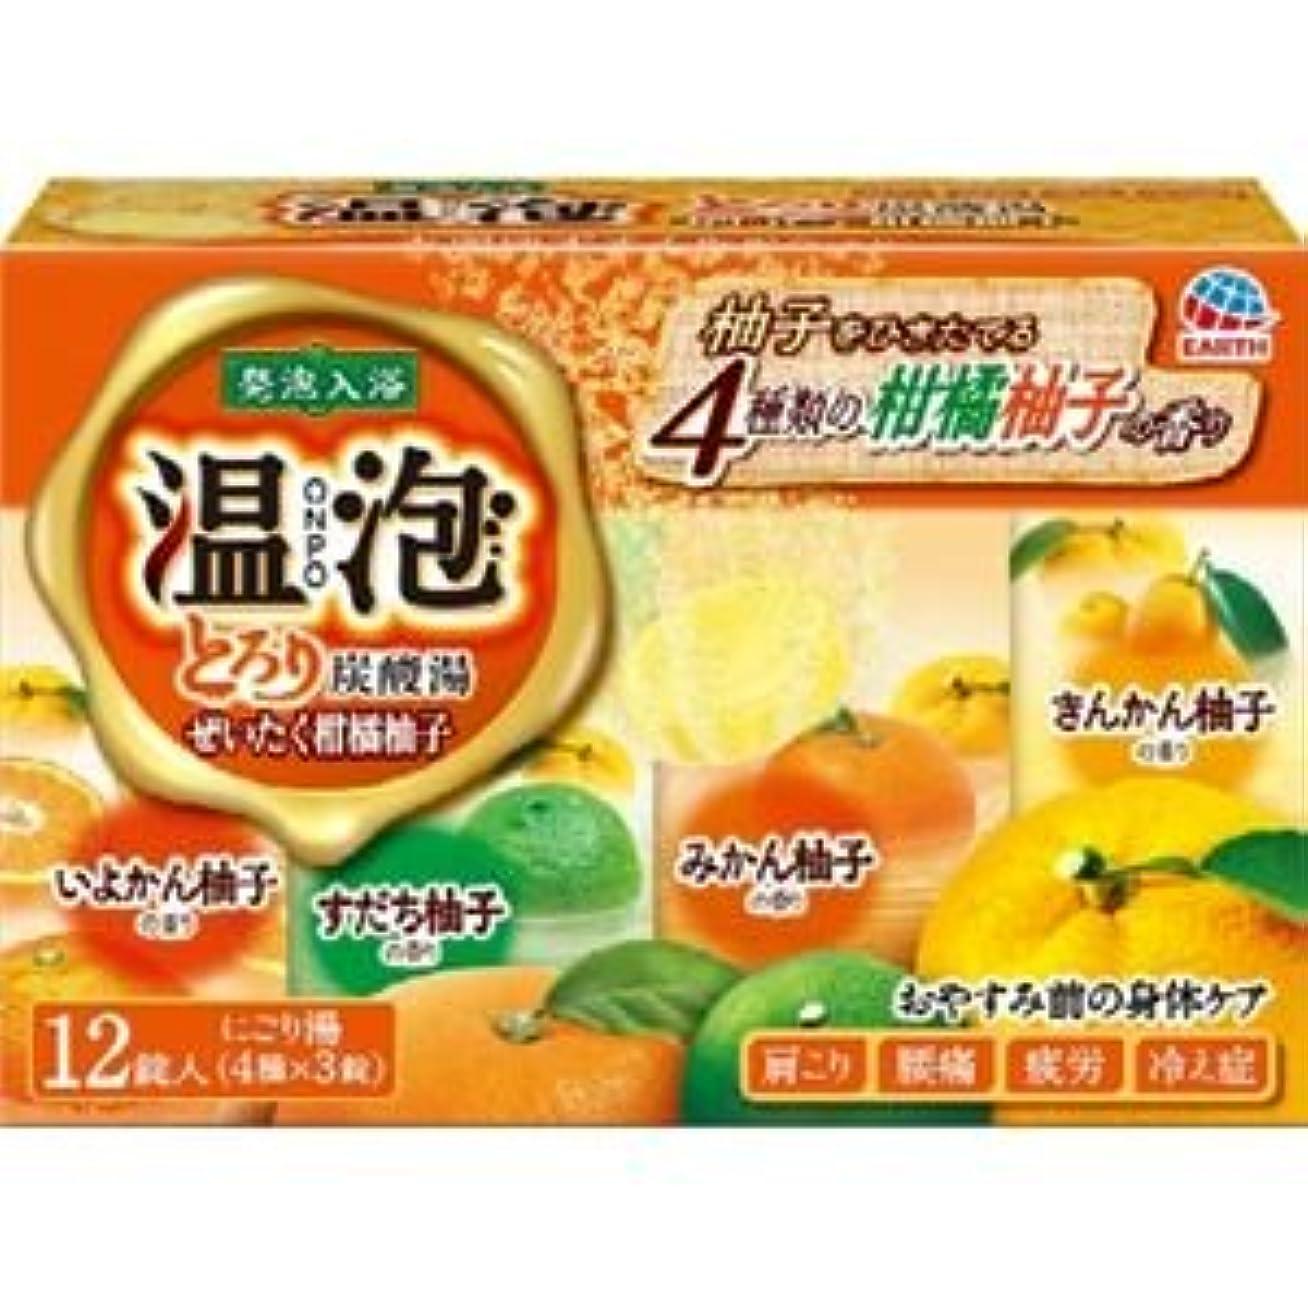 メカニックブロッサムマークダウン(まとめ)アース製薬 温泡とろり炭酸湯ぜいたく柑橘柚子12錠入 【×3点セット】